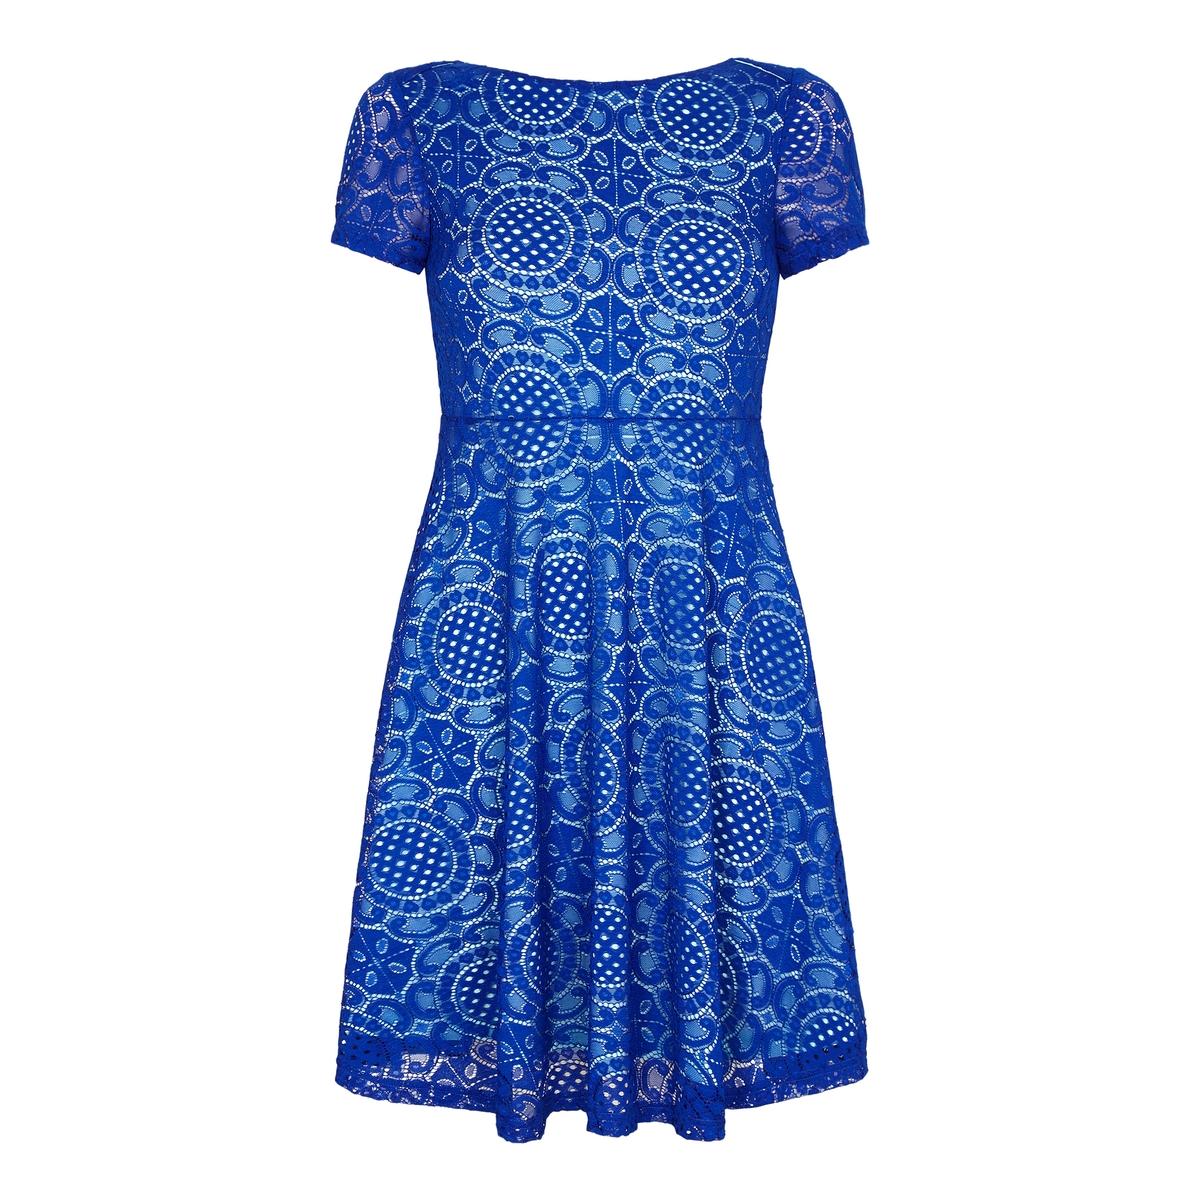 Платье с короткими рукавами из кружеваМатериал : 5% эластана, 95% полиэстера   Длина рукава : короткие рукава   Форма воротника : без воротника  Покрой платья : расклешенное платье  Рисунок : однотонная модель  Особенность материала : кружево   Длина платья : короткое<br><br>Цвет: кобальтовый синий